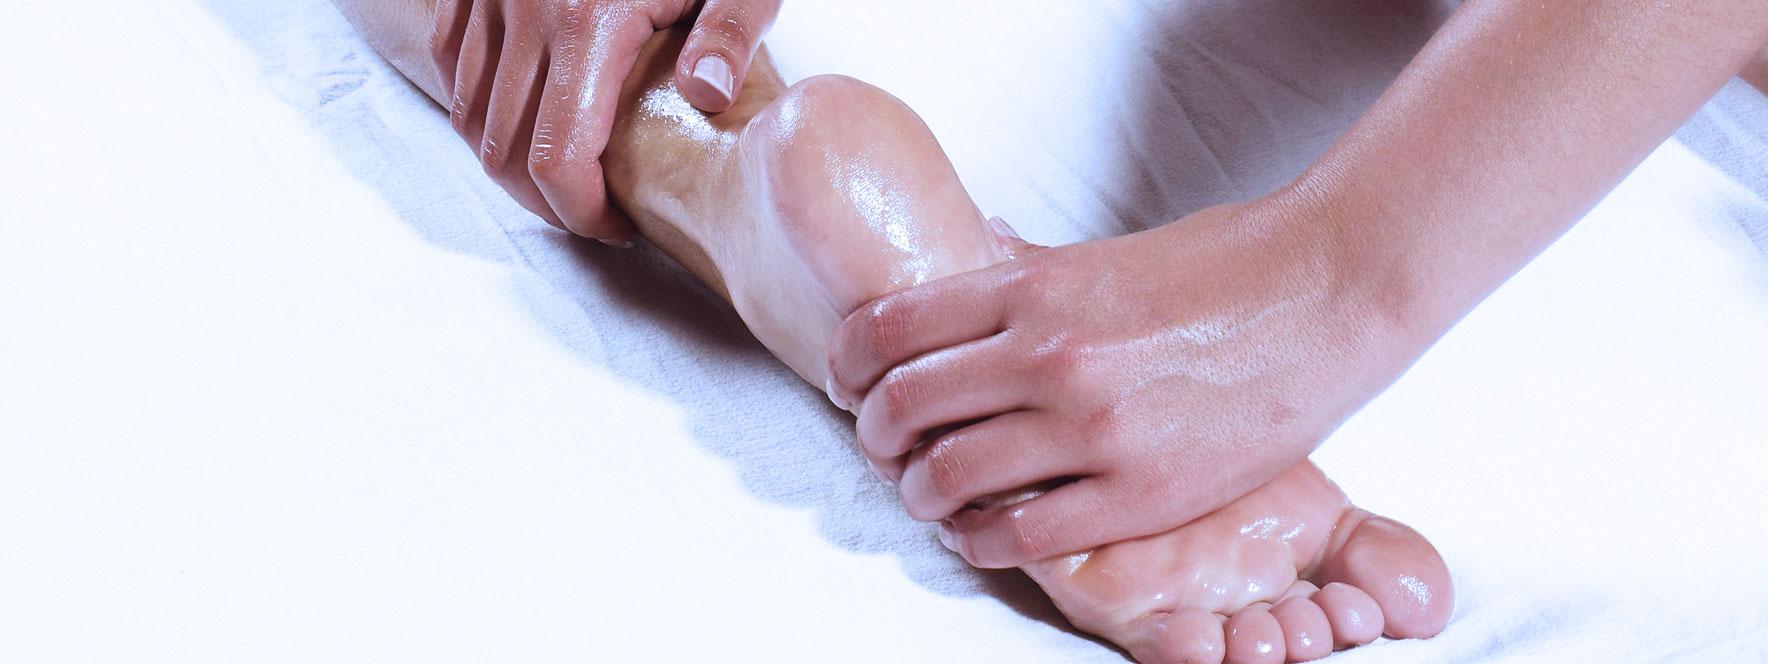 Bienfaits massage des pieds - Blogue du Réseau